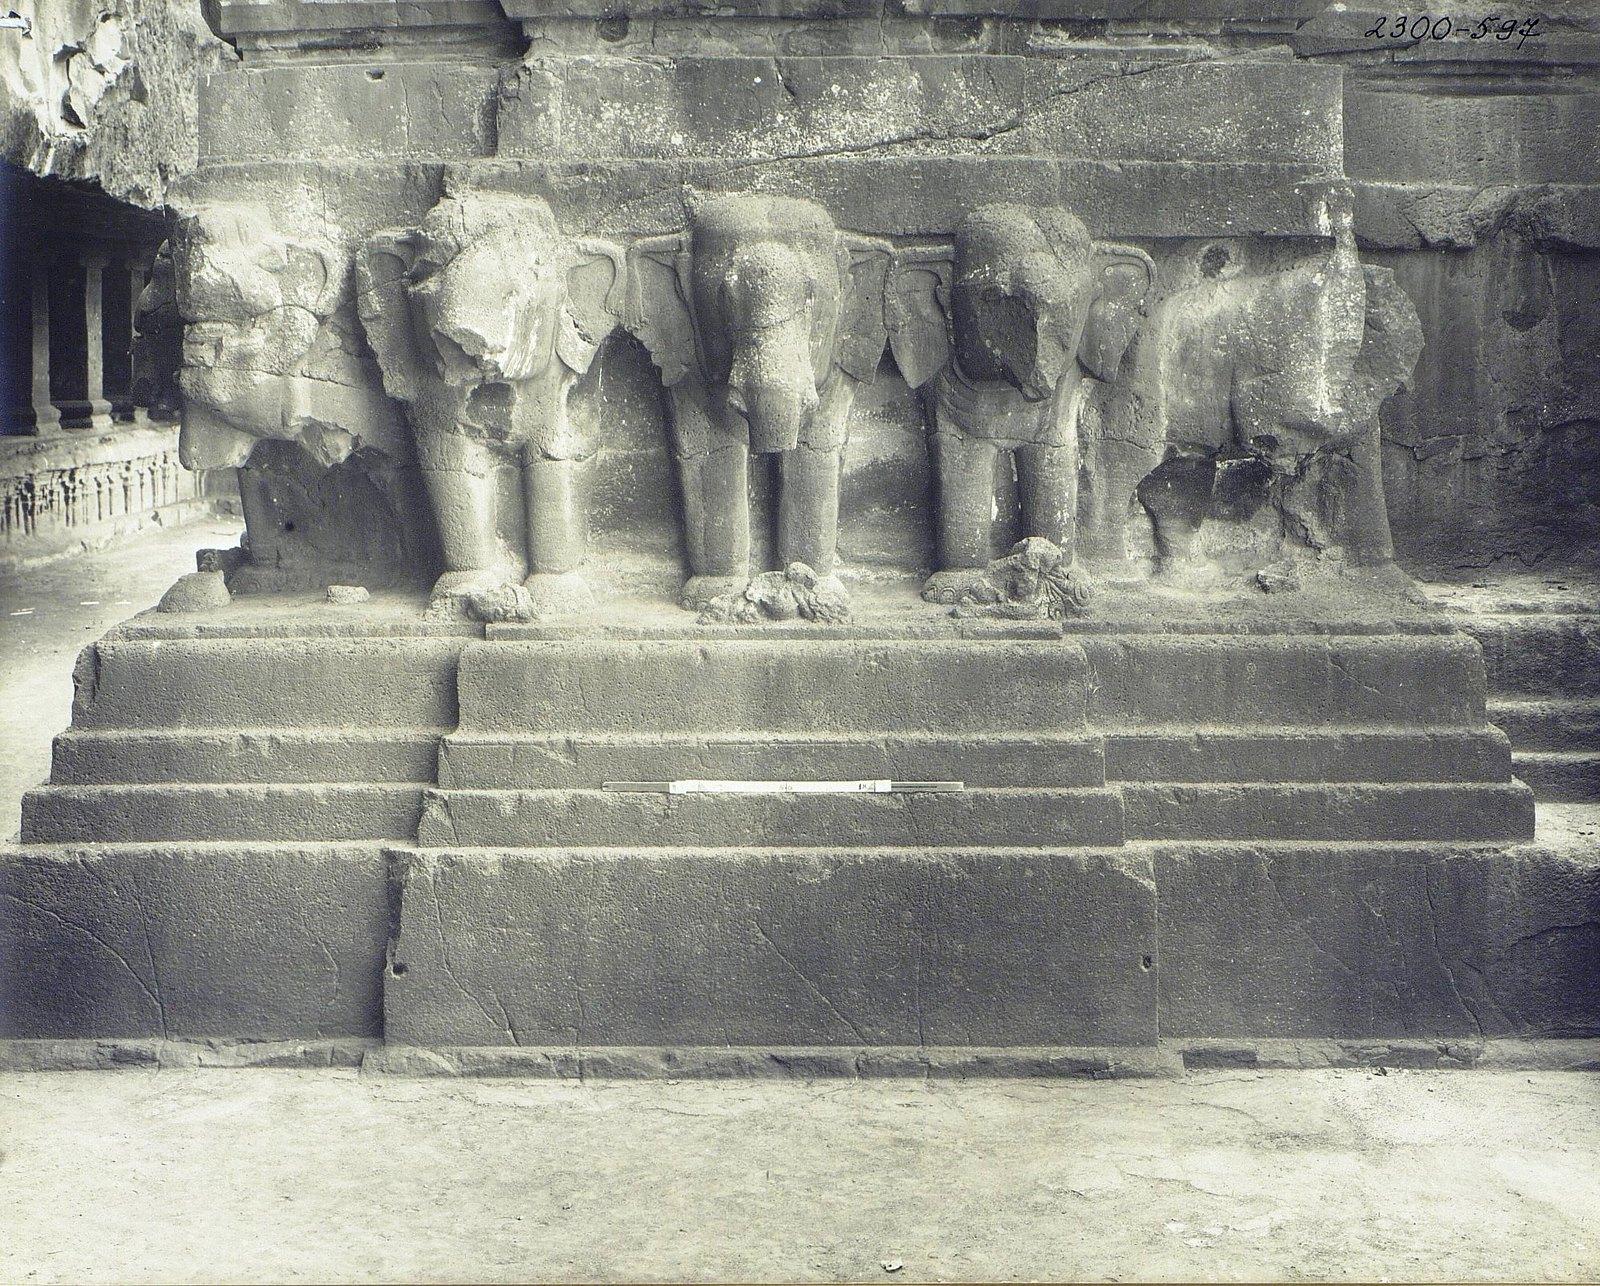 Храм Кайласа в Эллоре (деталь рельефа со слонами) (8)